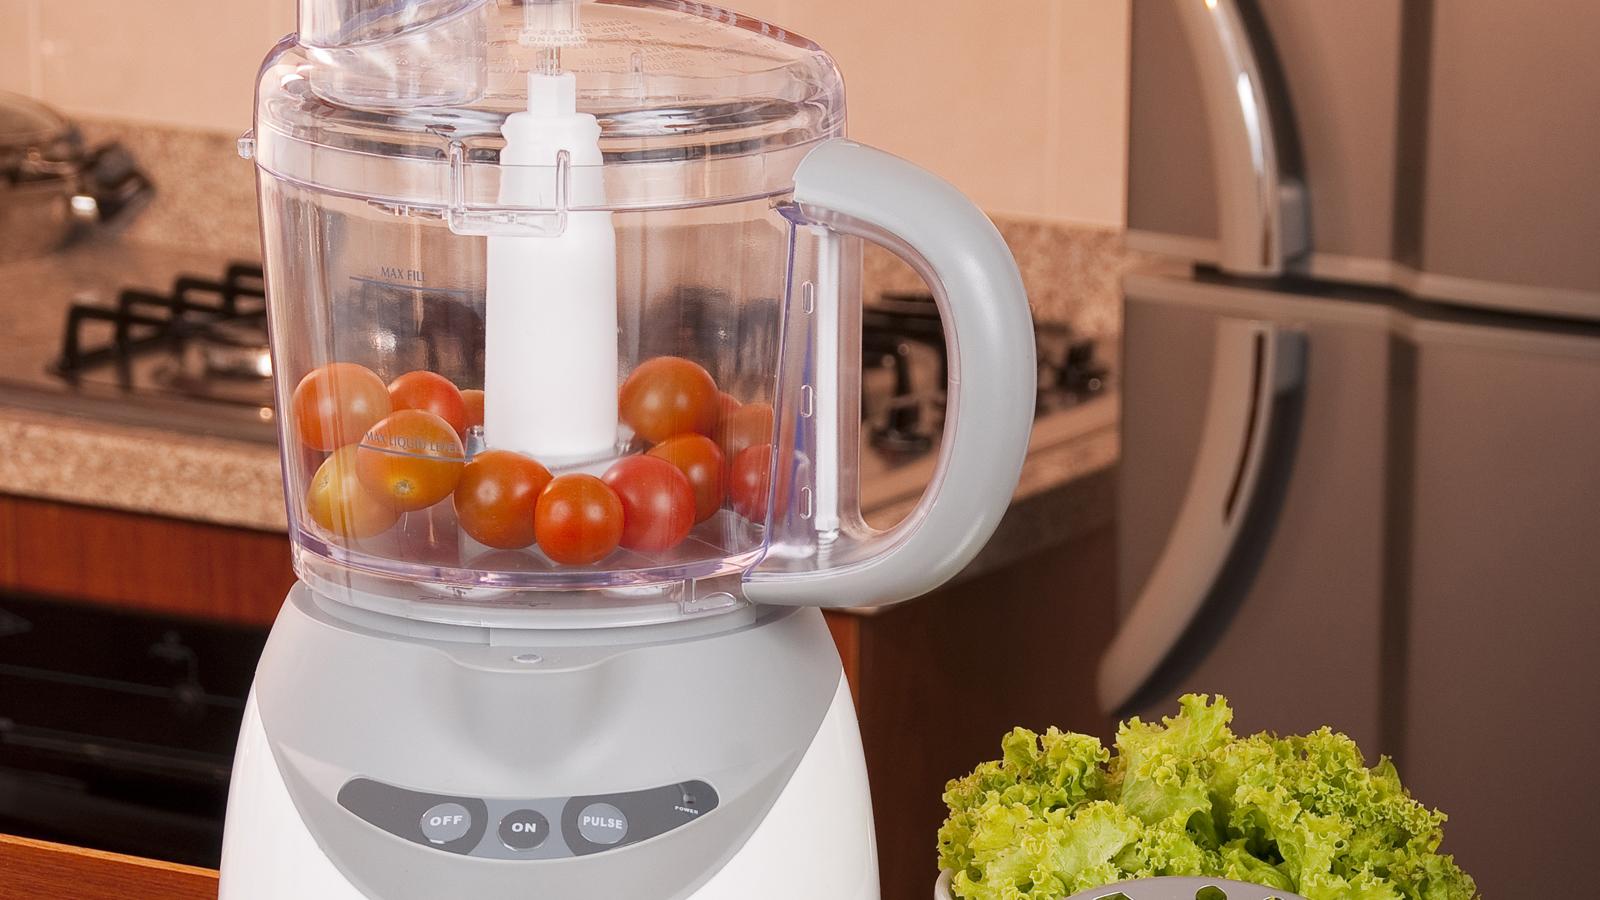 Come scegliere impastatrici e robot da cucina